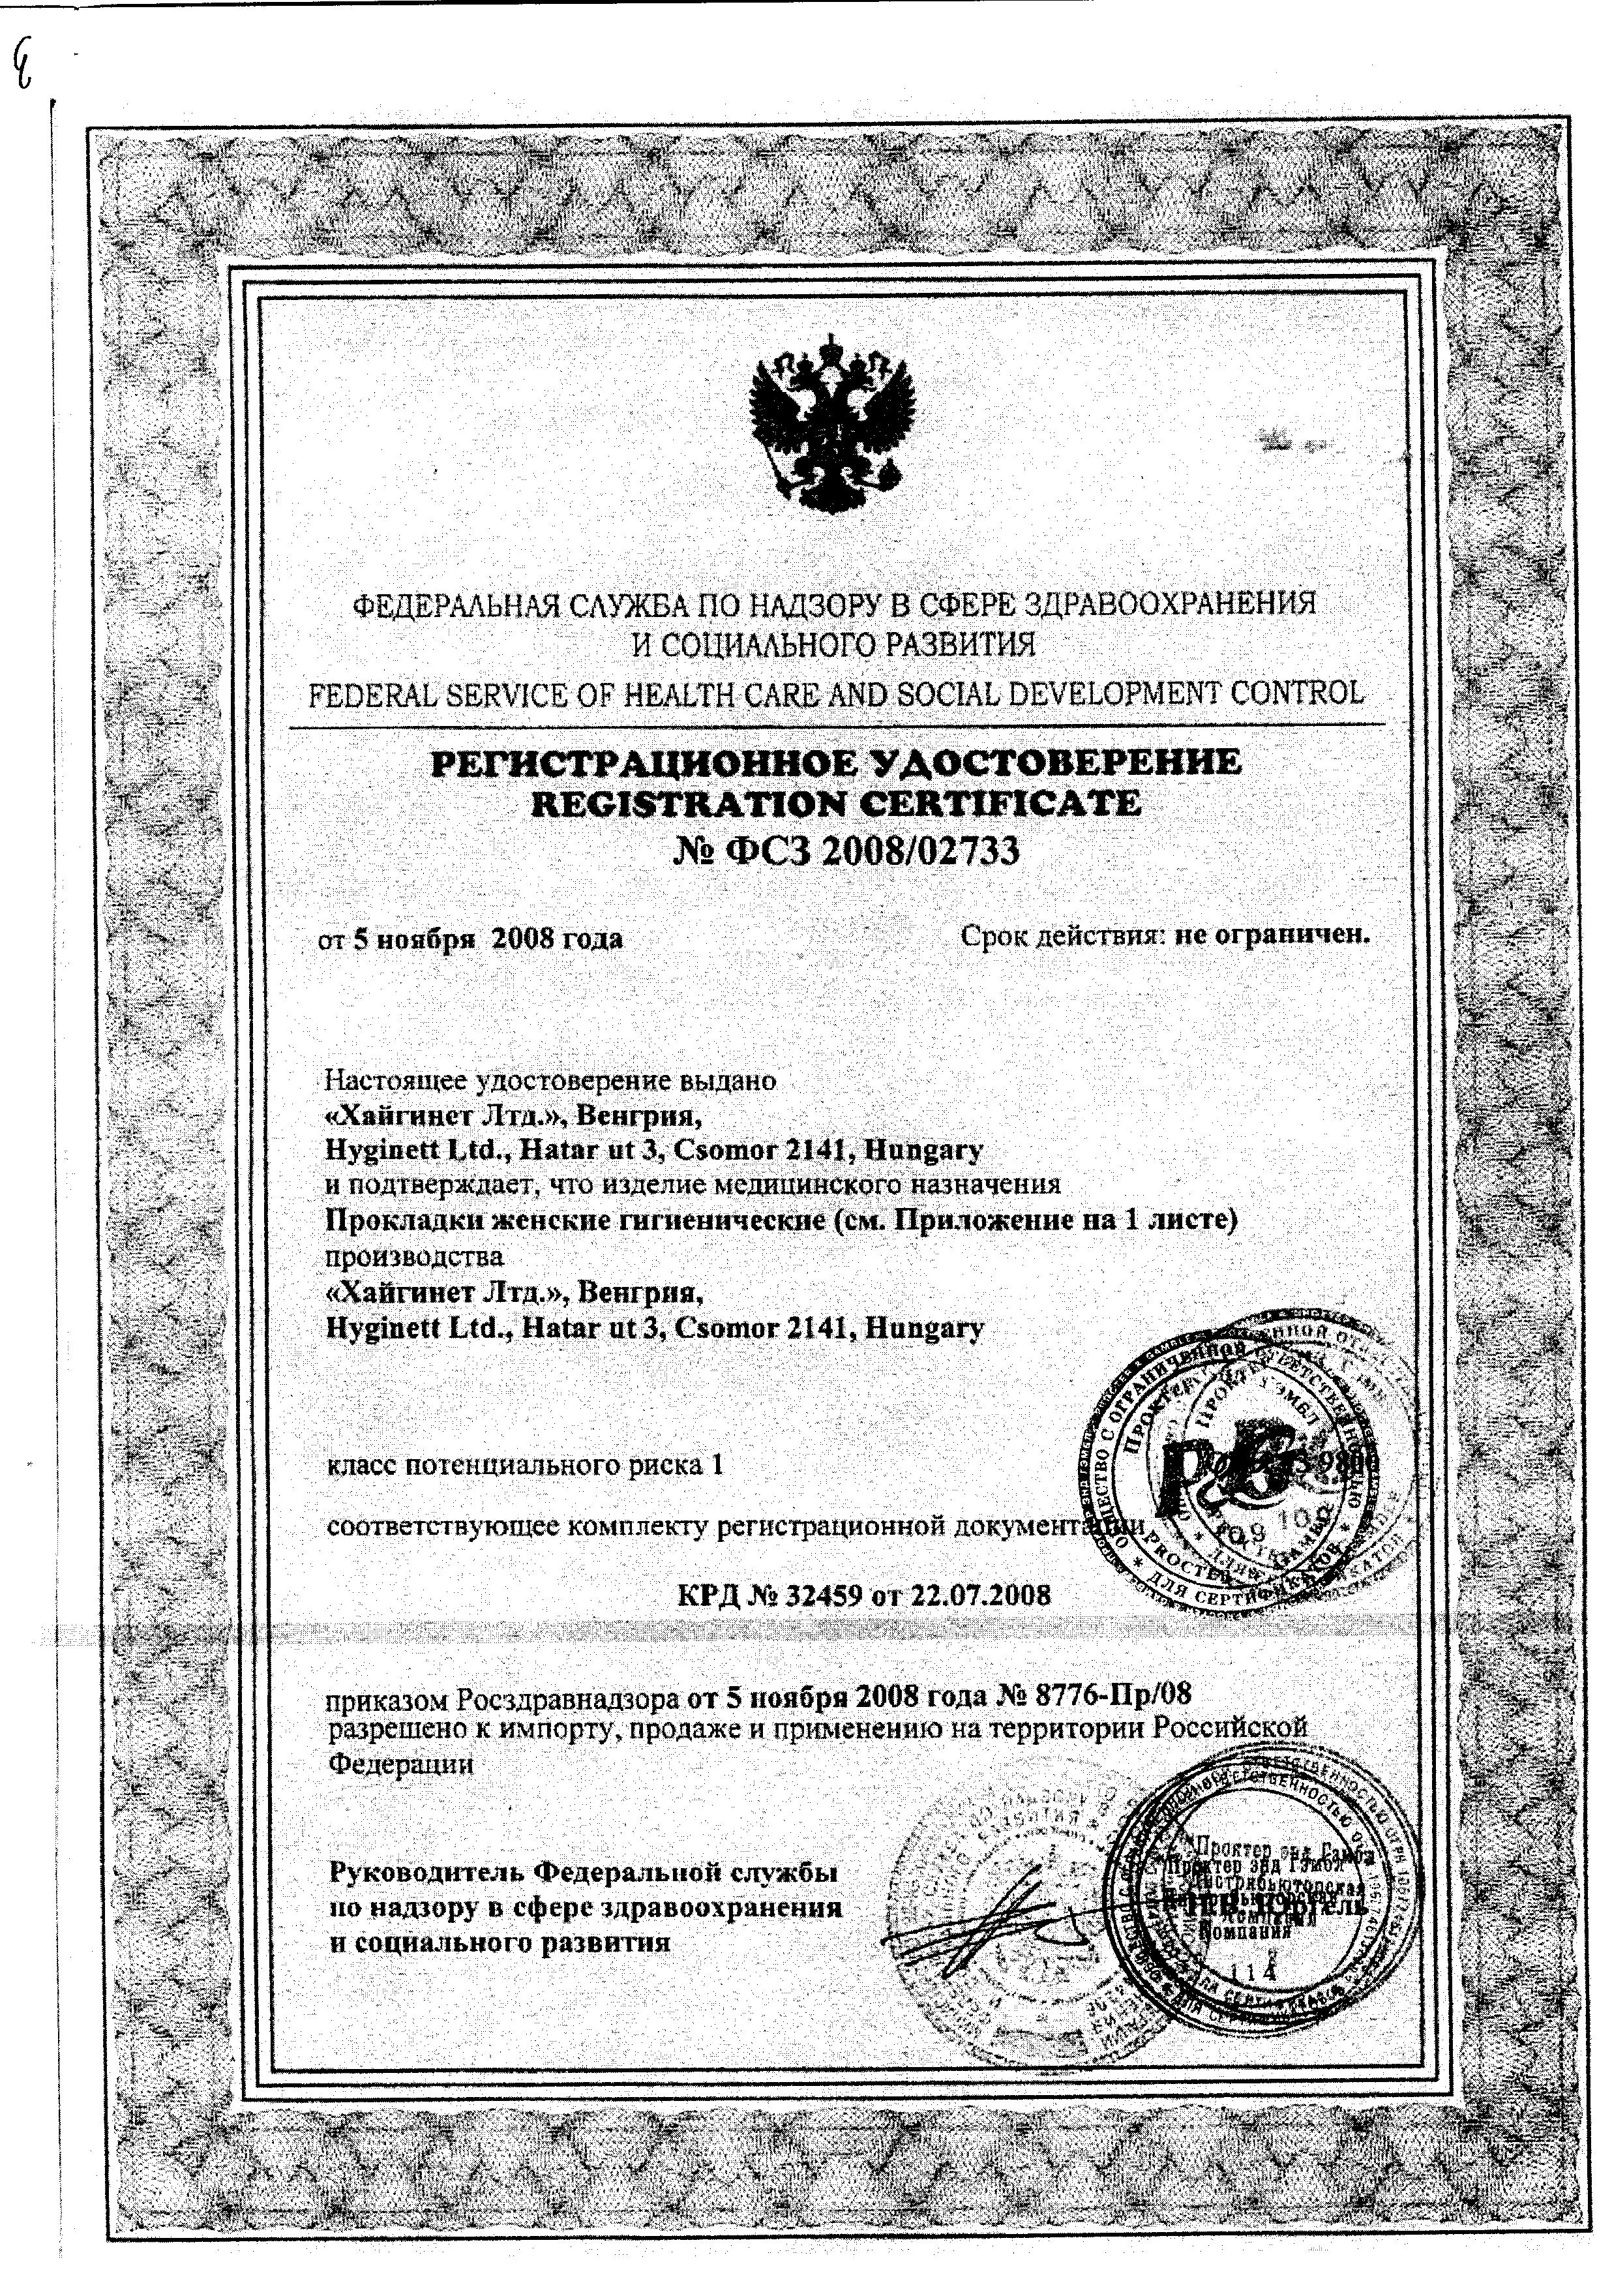 Always ultra light прокладки женские гигиенические сертификат